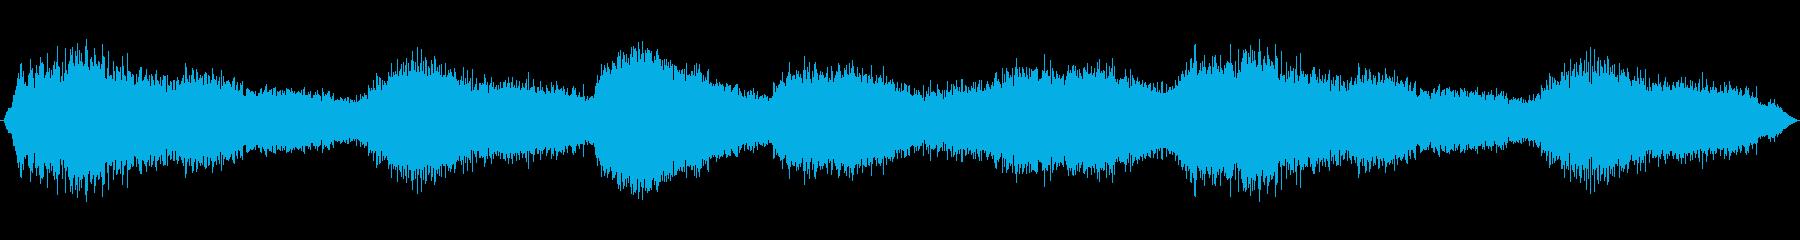 空間的で不穏なBGSの再生済みの波形